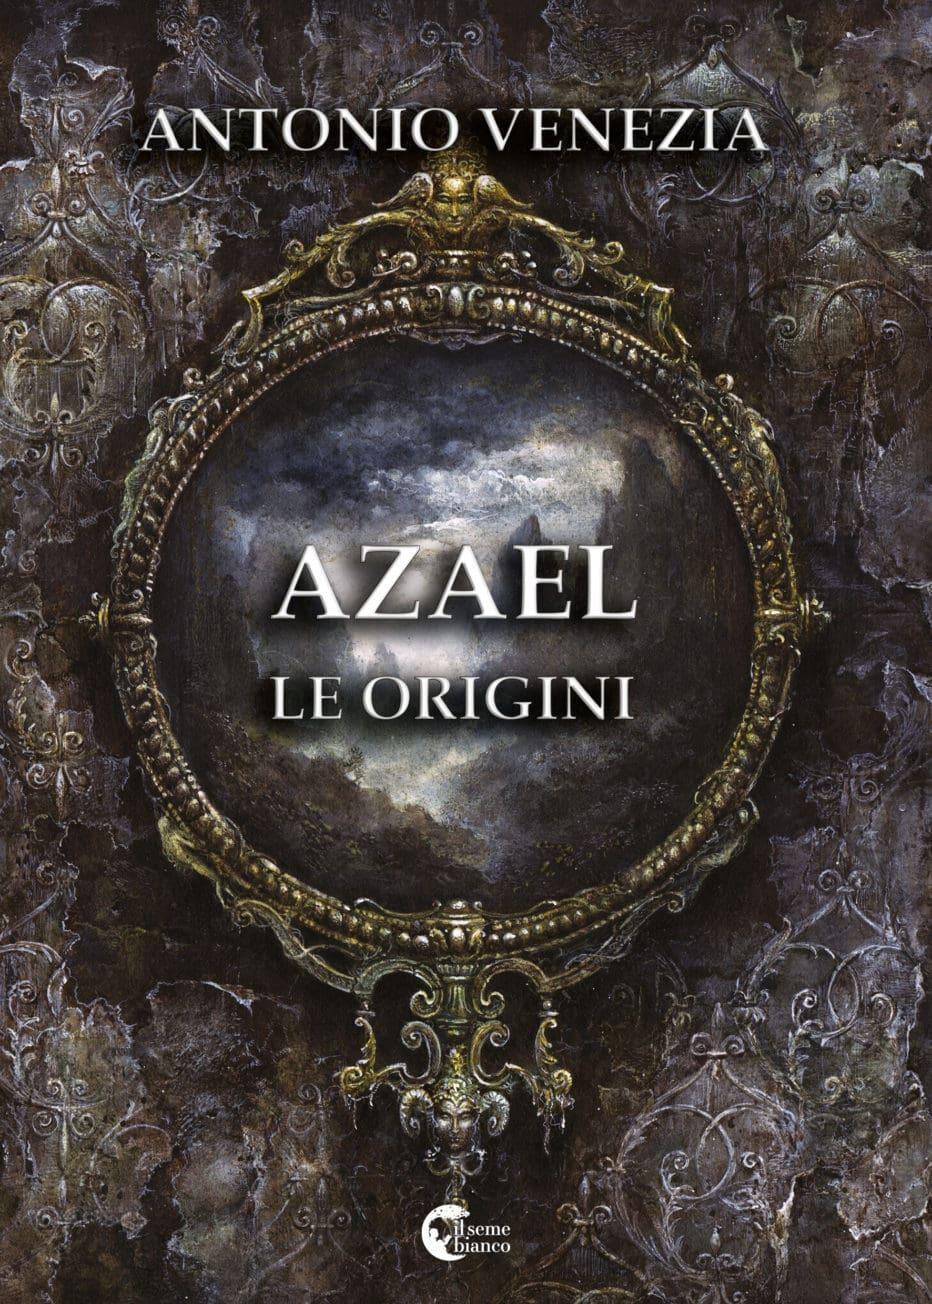 Azael – Le origini di Antonio Venezia